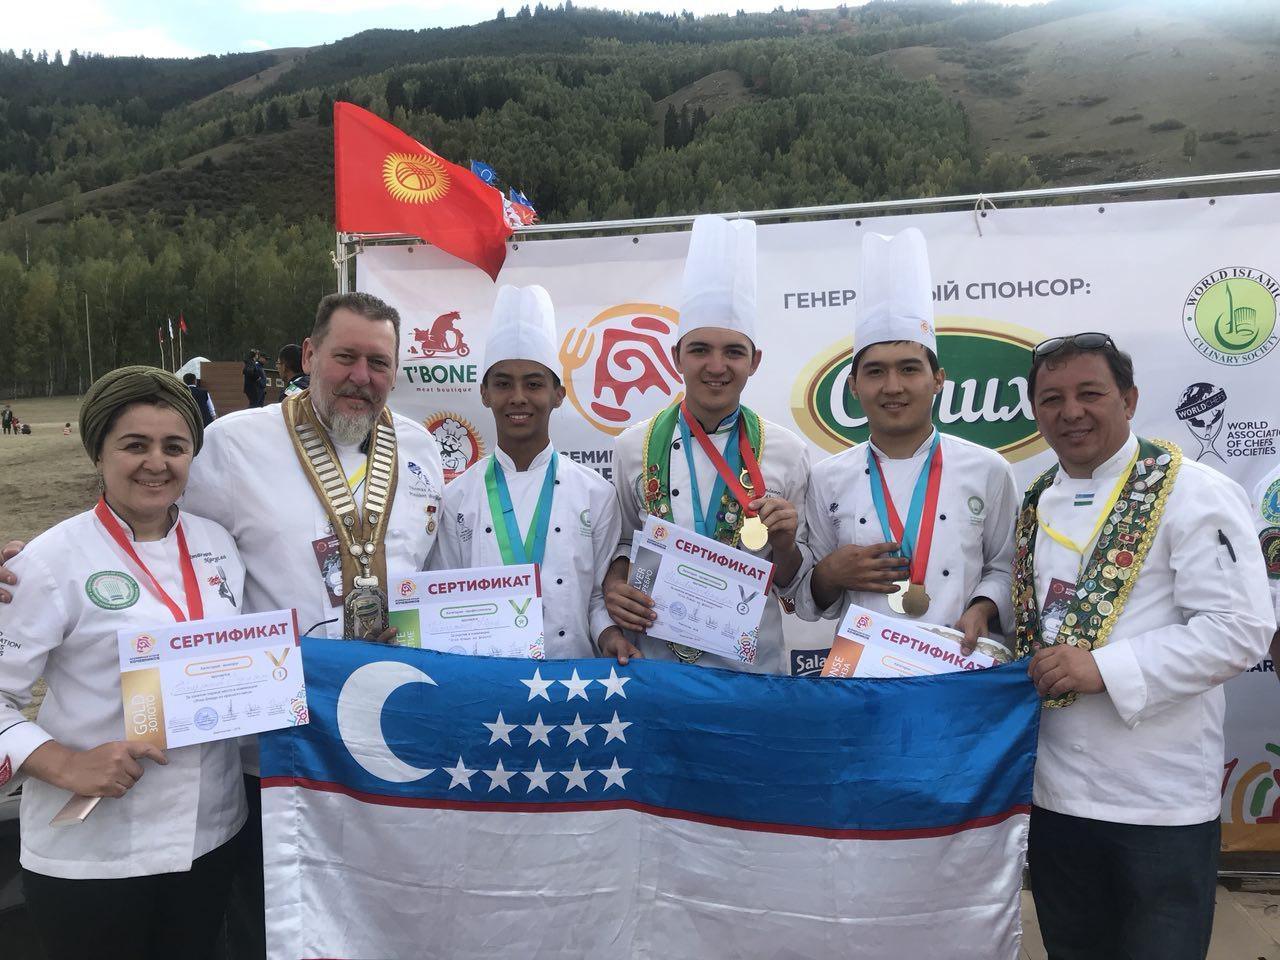 Всемирные игры кочевников: команда поваров Узбекистана завоевала Гран-при на фестивале этноблюд (фото)